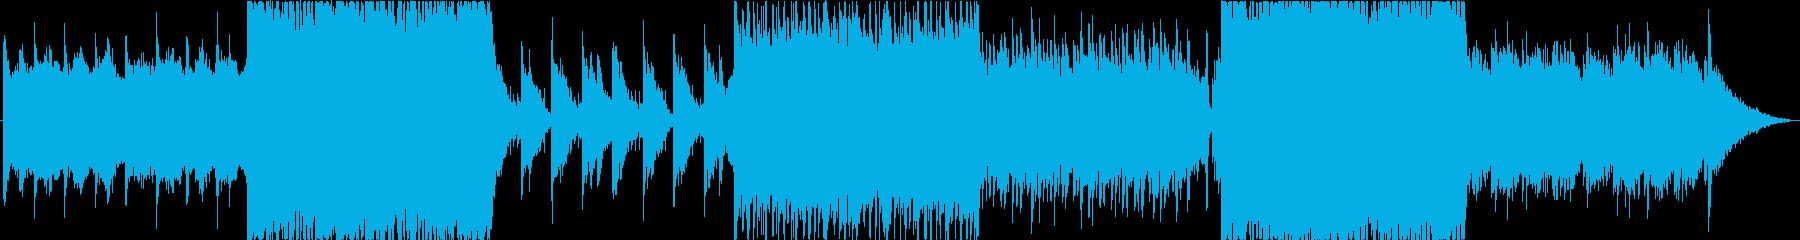 【BGM】ストリングスが印象的なトラックの再生済みの波形